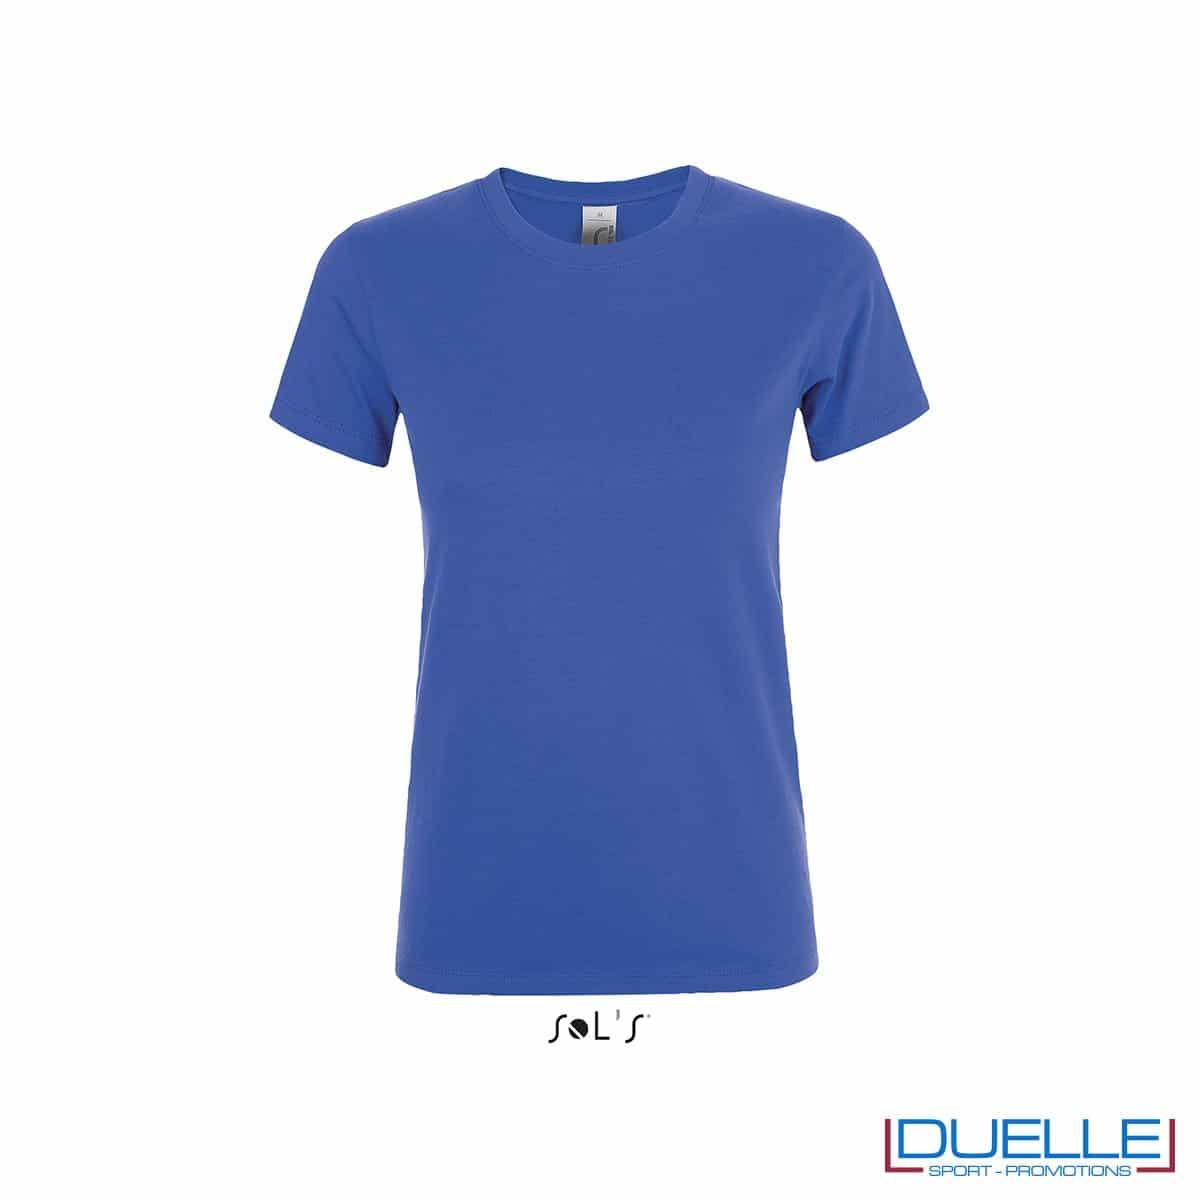 T-shirt personalizzata donna girocollo colore blu royal